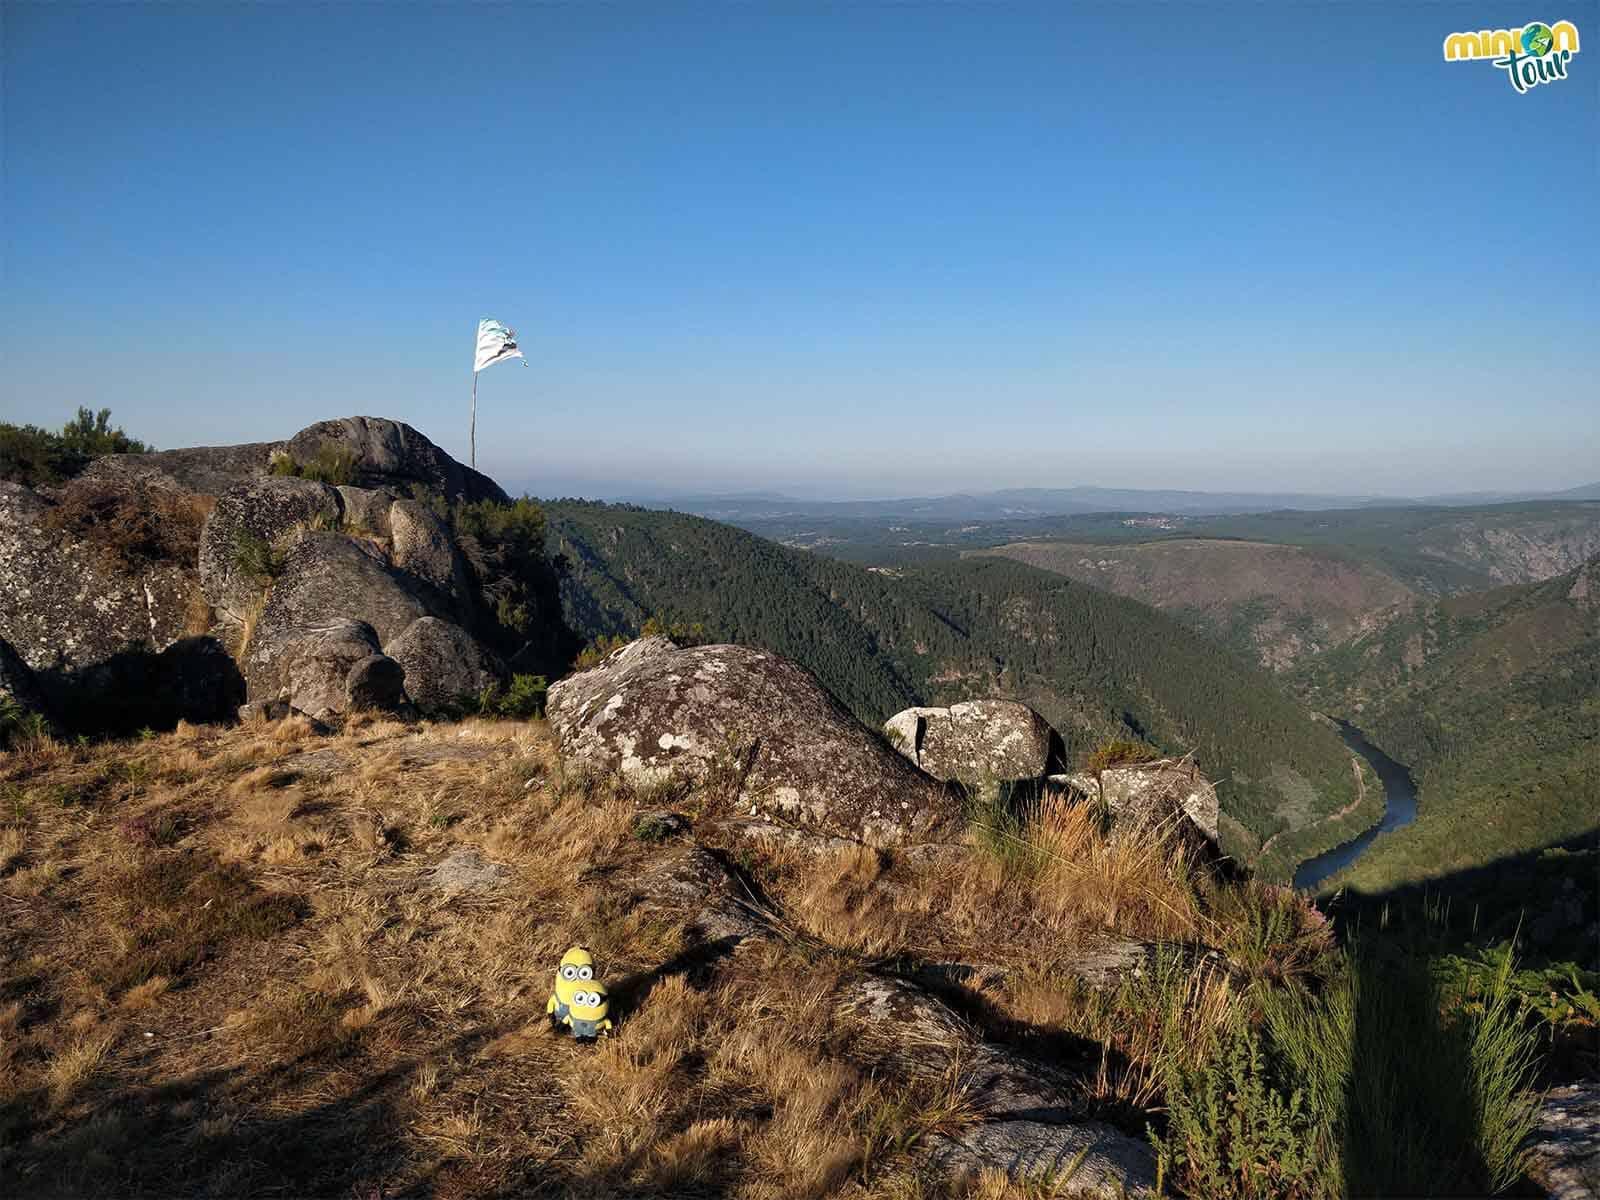 Otro mirador de la Ribeira Sacra con vistas espectaculares